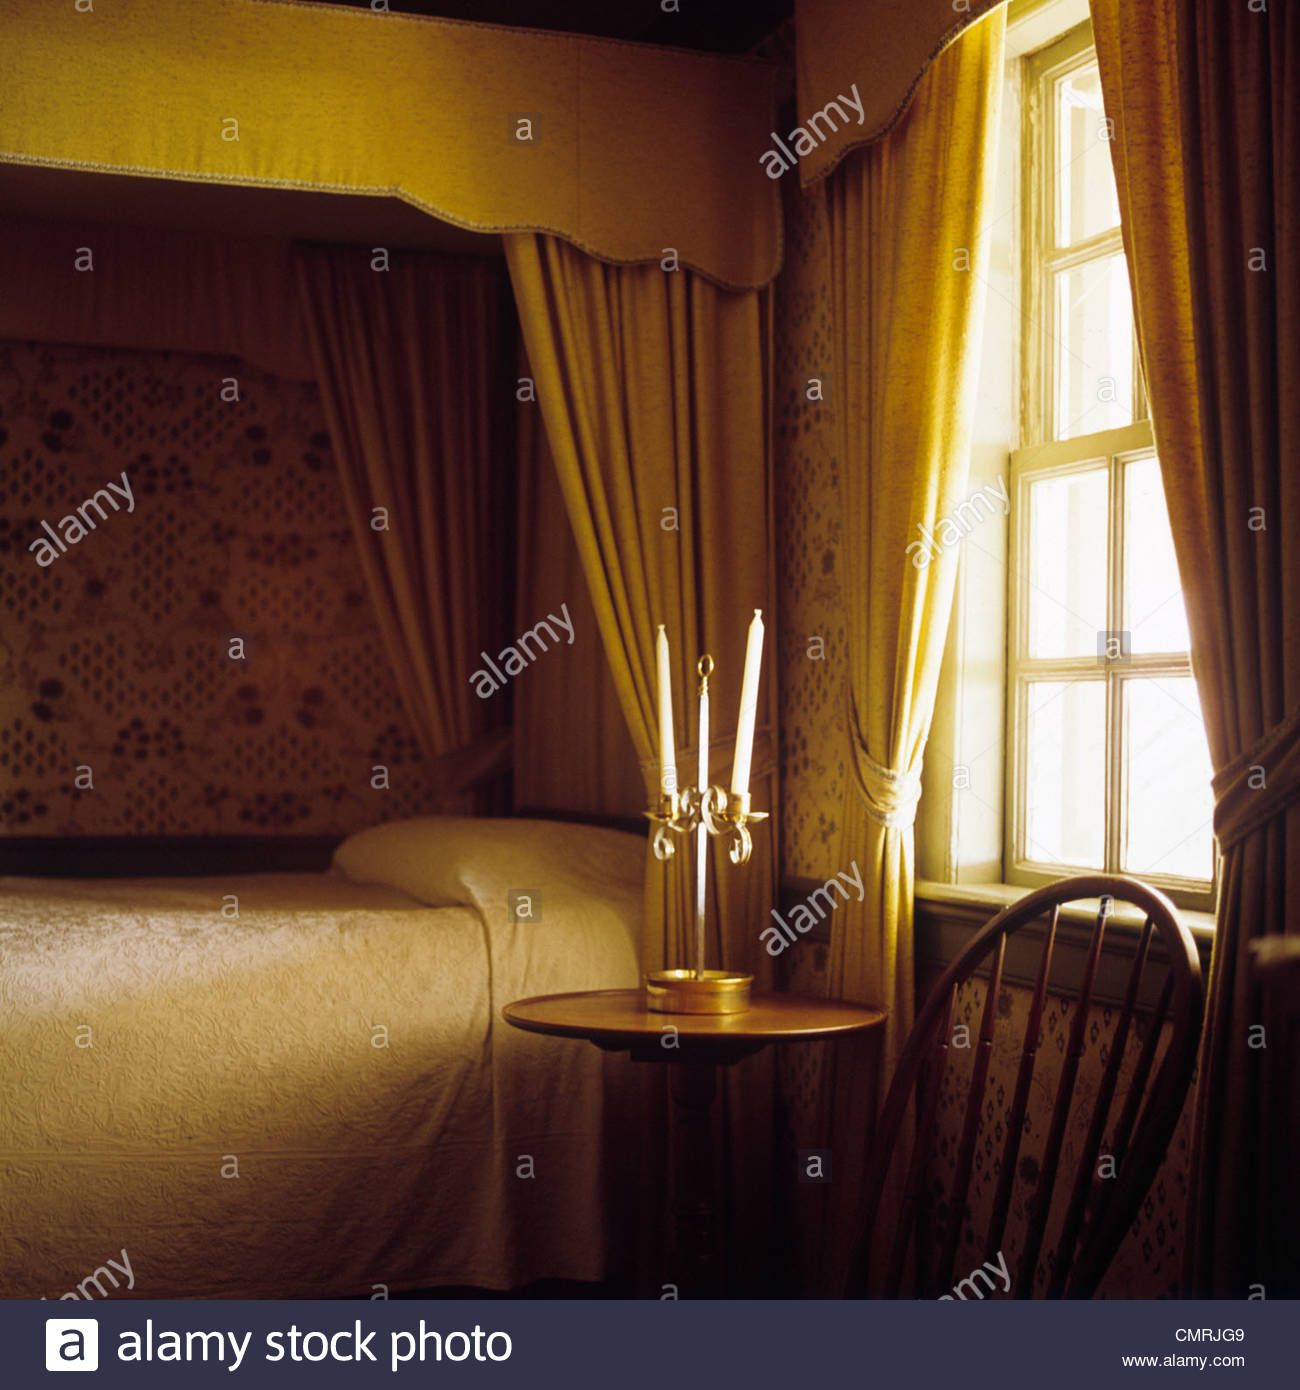 Full Size of Bett Kolonialstil 1700s 1800s Amerikanischen Schlafzimmer Mount Vernon Komforthöhe Dormiente Weißes 160x200 Landhaus Badewanne Bette Barock Einfaches Set Mit Bett Bett Kolonialstil